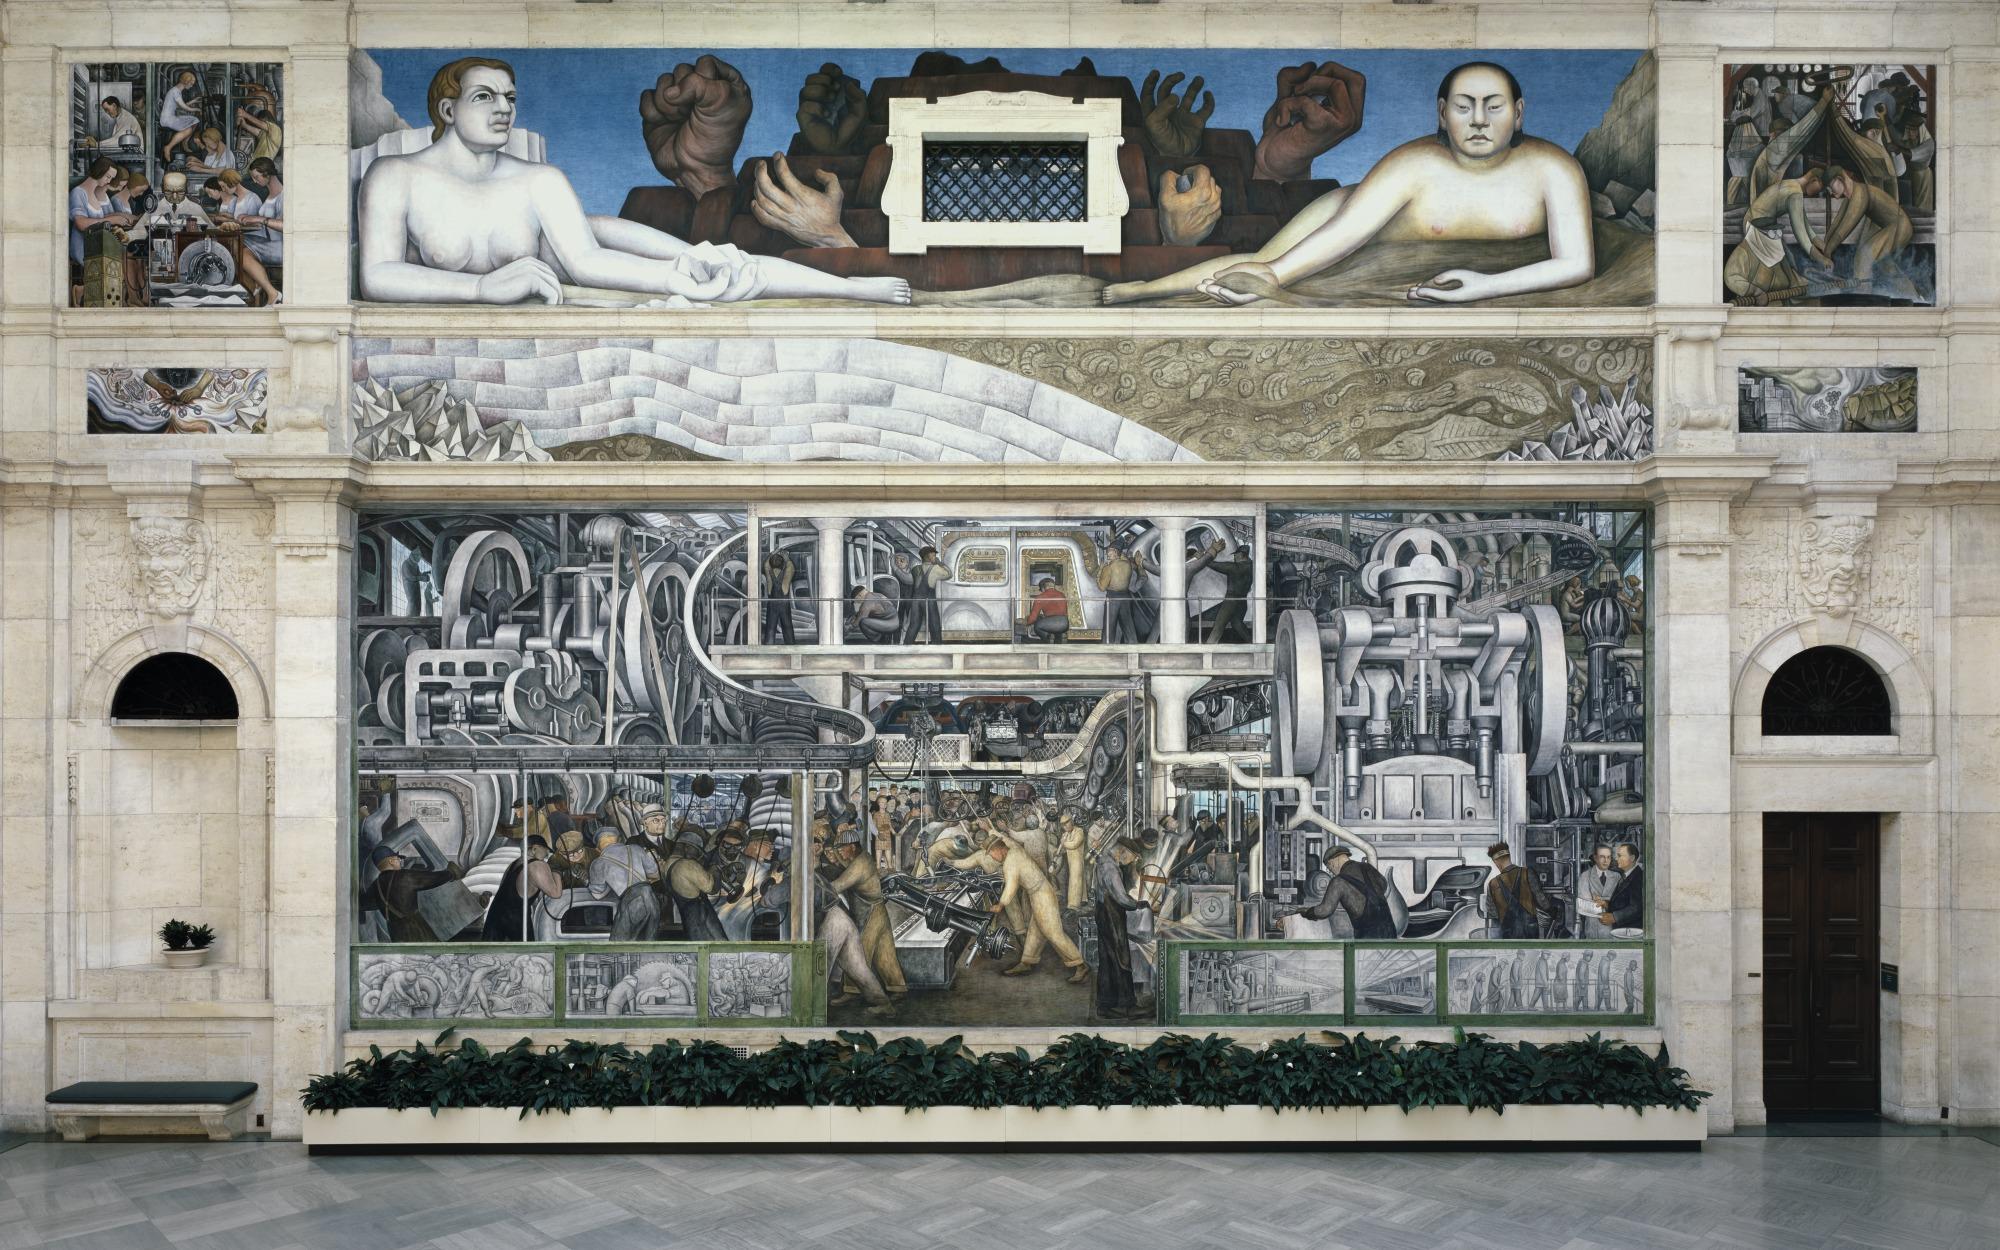 mural de rivera 5